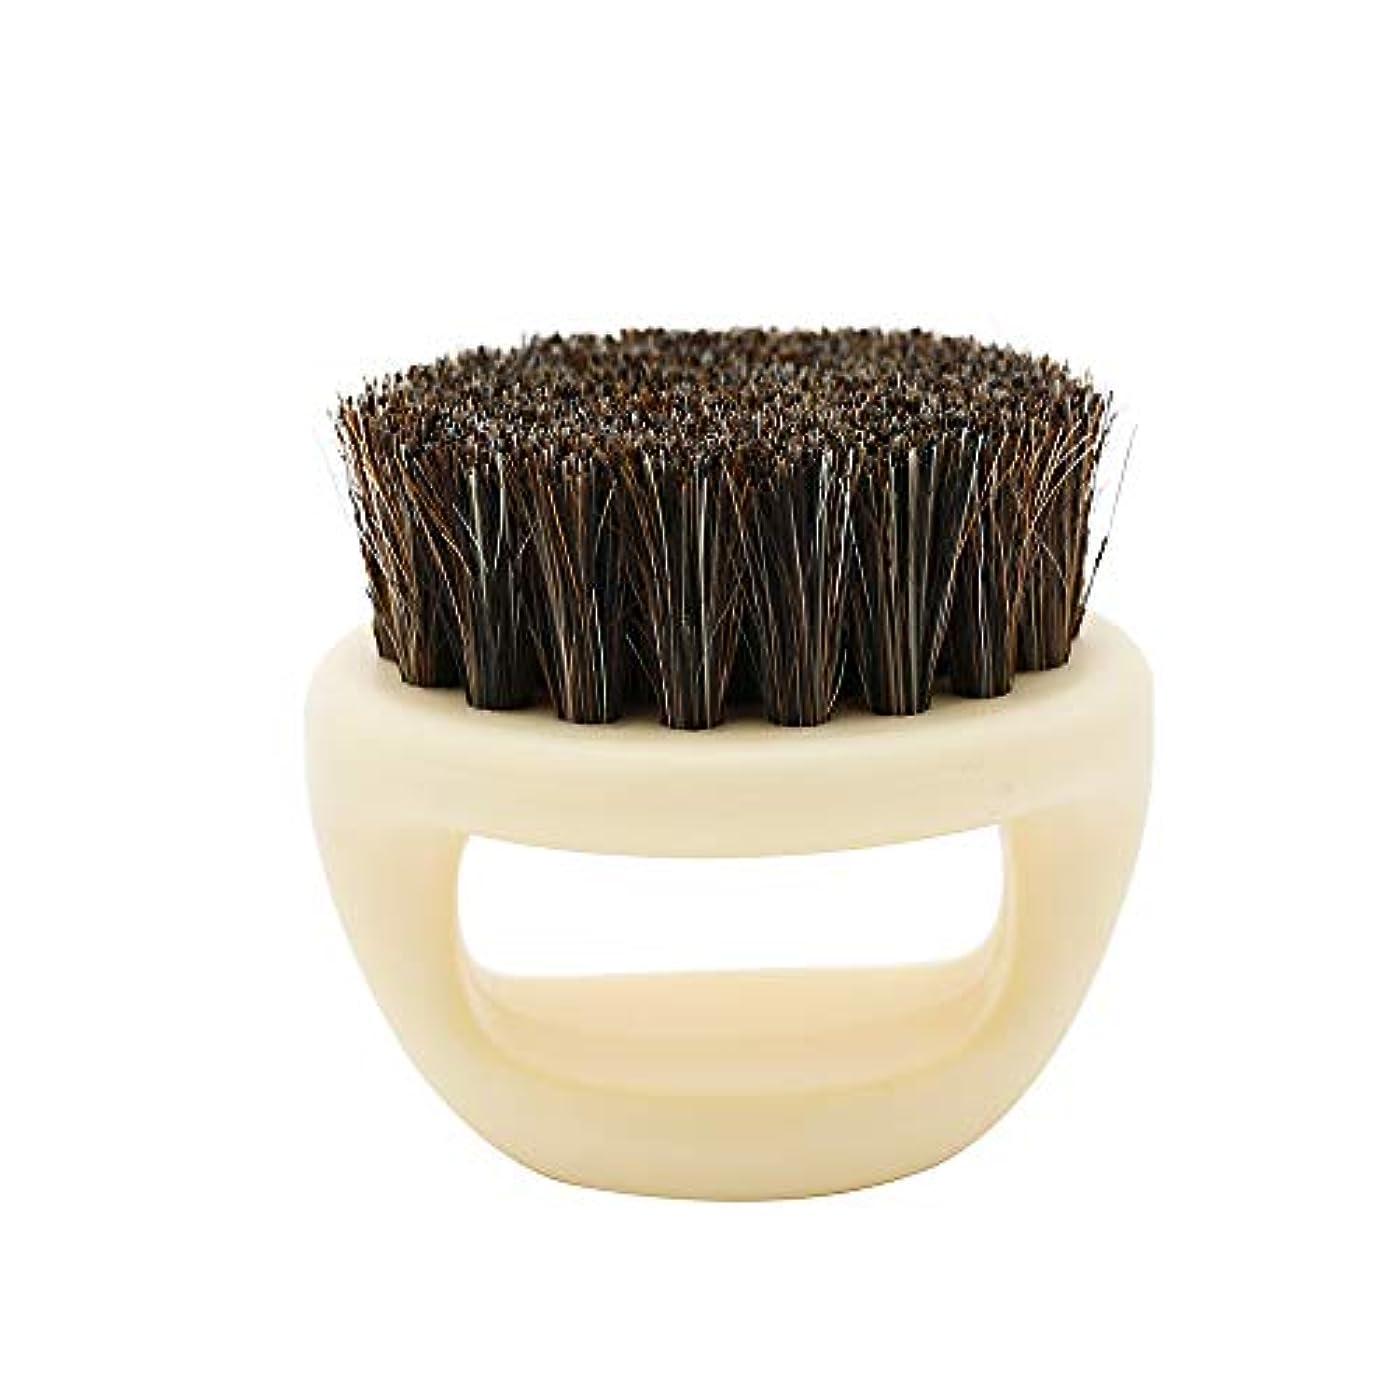 集団的後継スズメバチNrpfell 1個リングデザイン馬毛メンズシェービングブラシプラスチック製の可搬式理容ひげブラシサロンフェイスクリーニングかみそりブラシ(ホワイト)